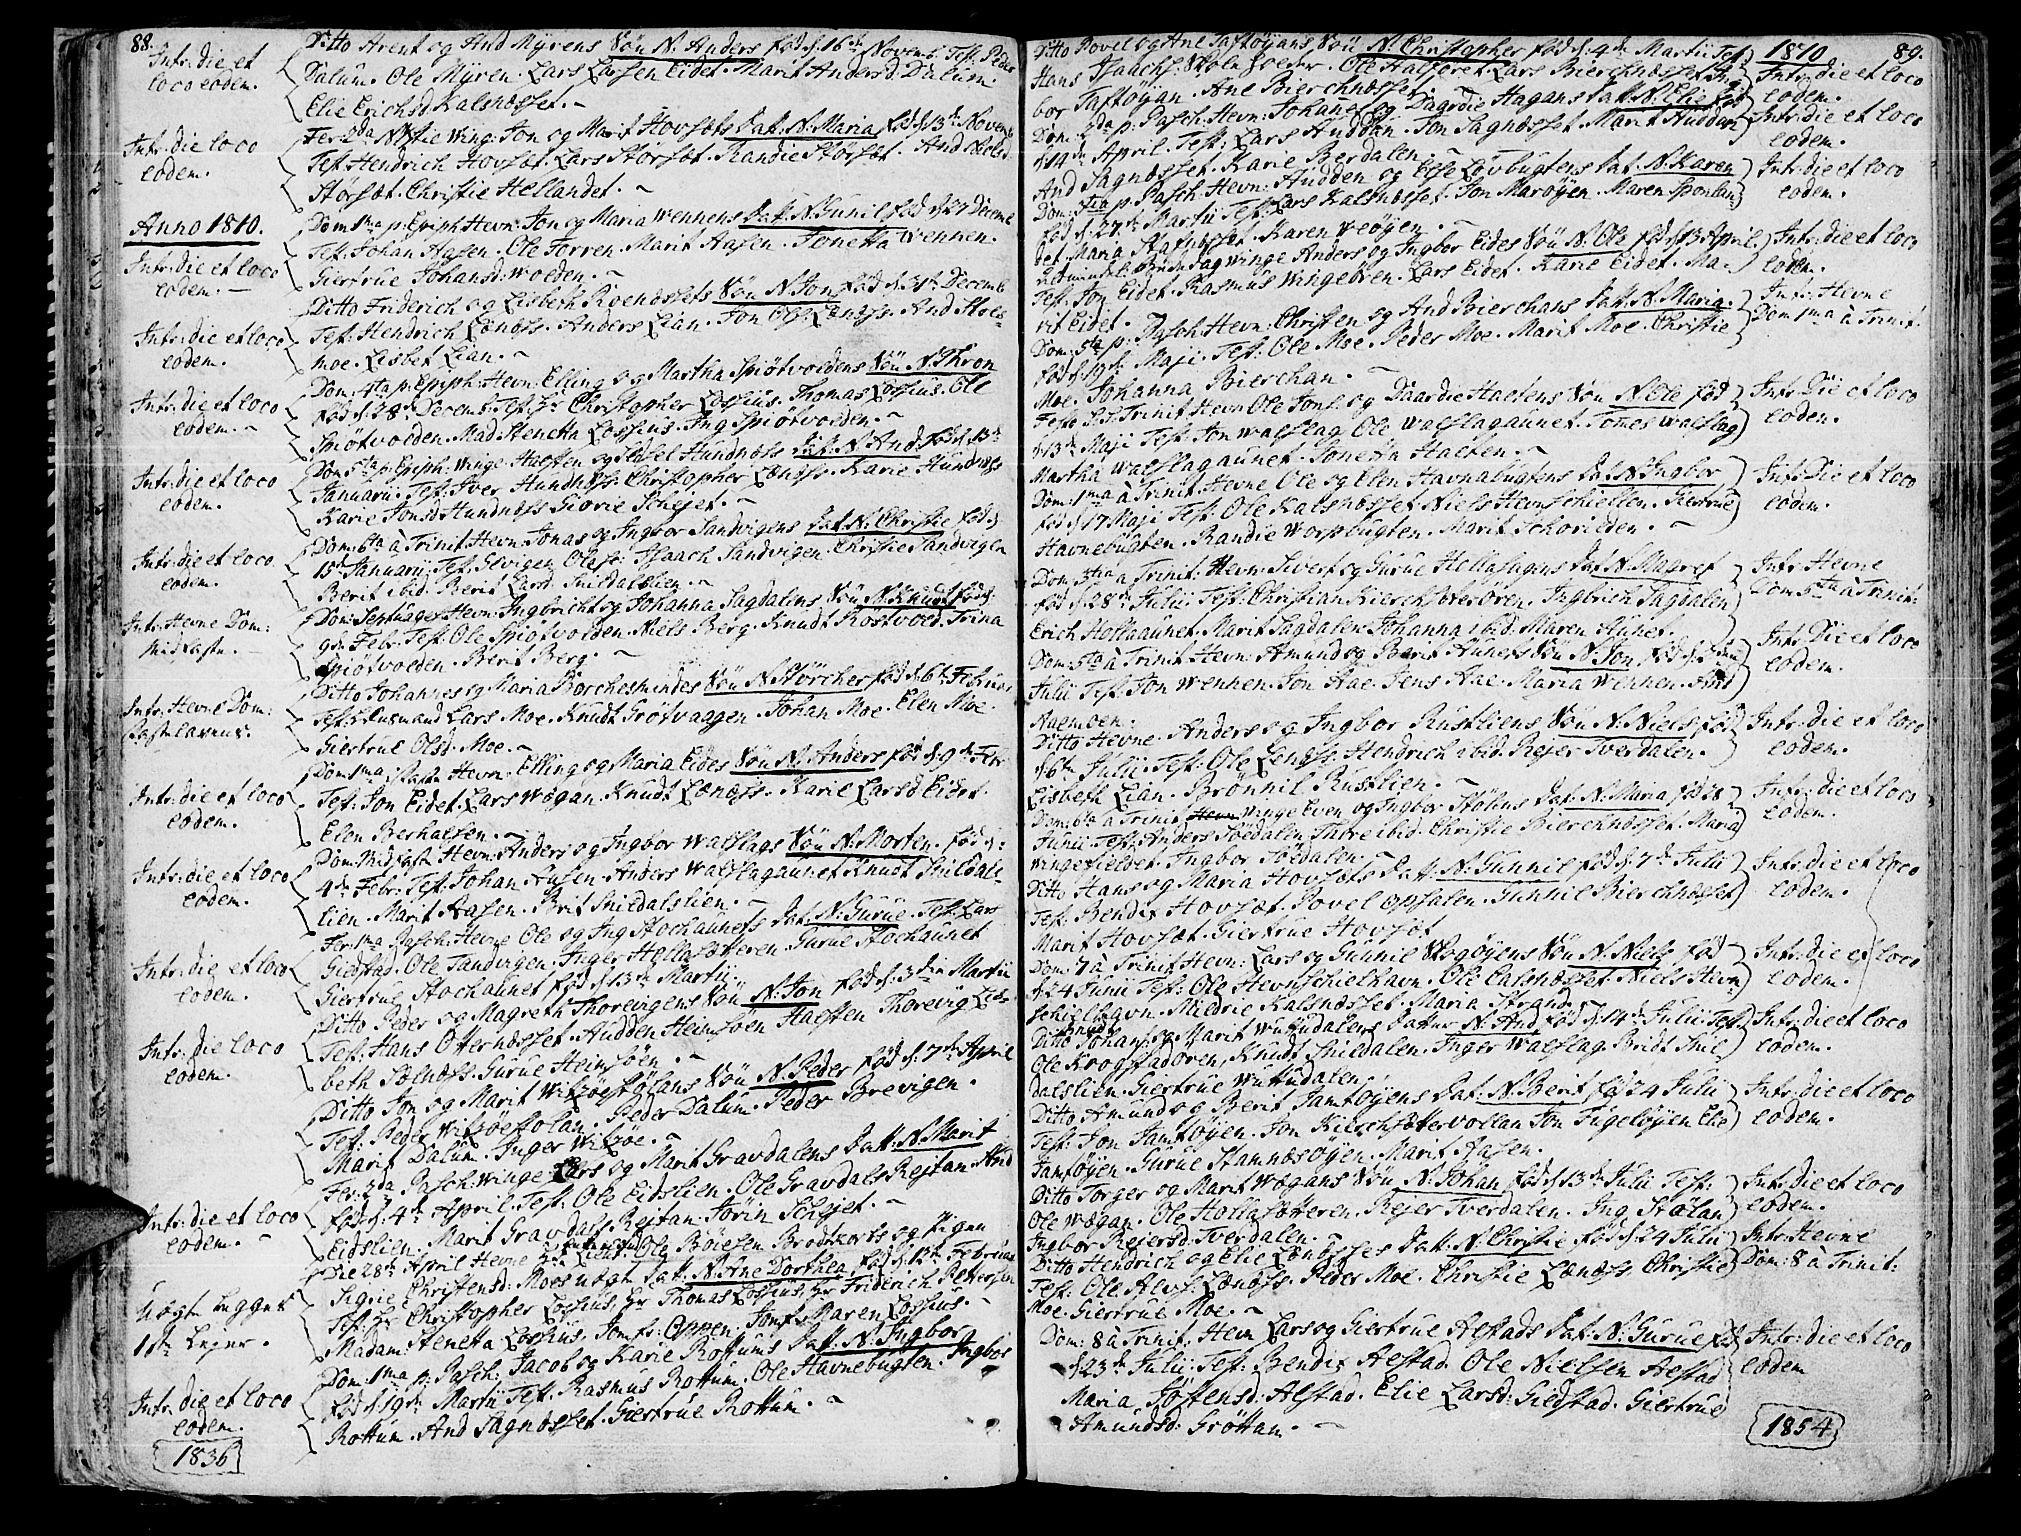 SAT, Ministerialprotokoller, klokkerbøker og fødselsregistre - Sør-Trøndelag, 630/L0490: Ministerialbok nr. 630A03, 1795-1818, s. 88-89